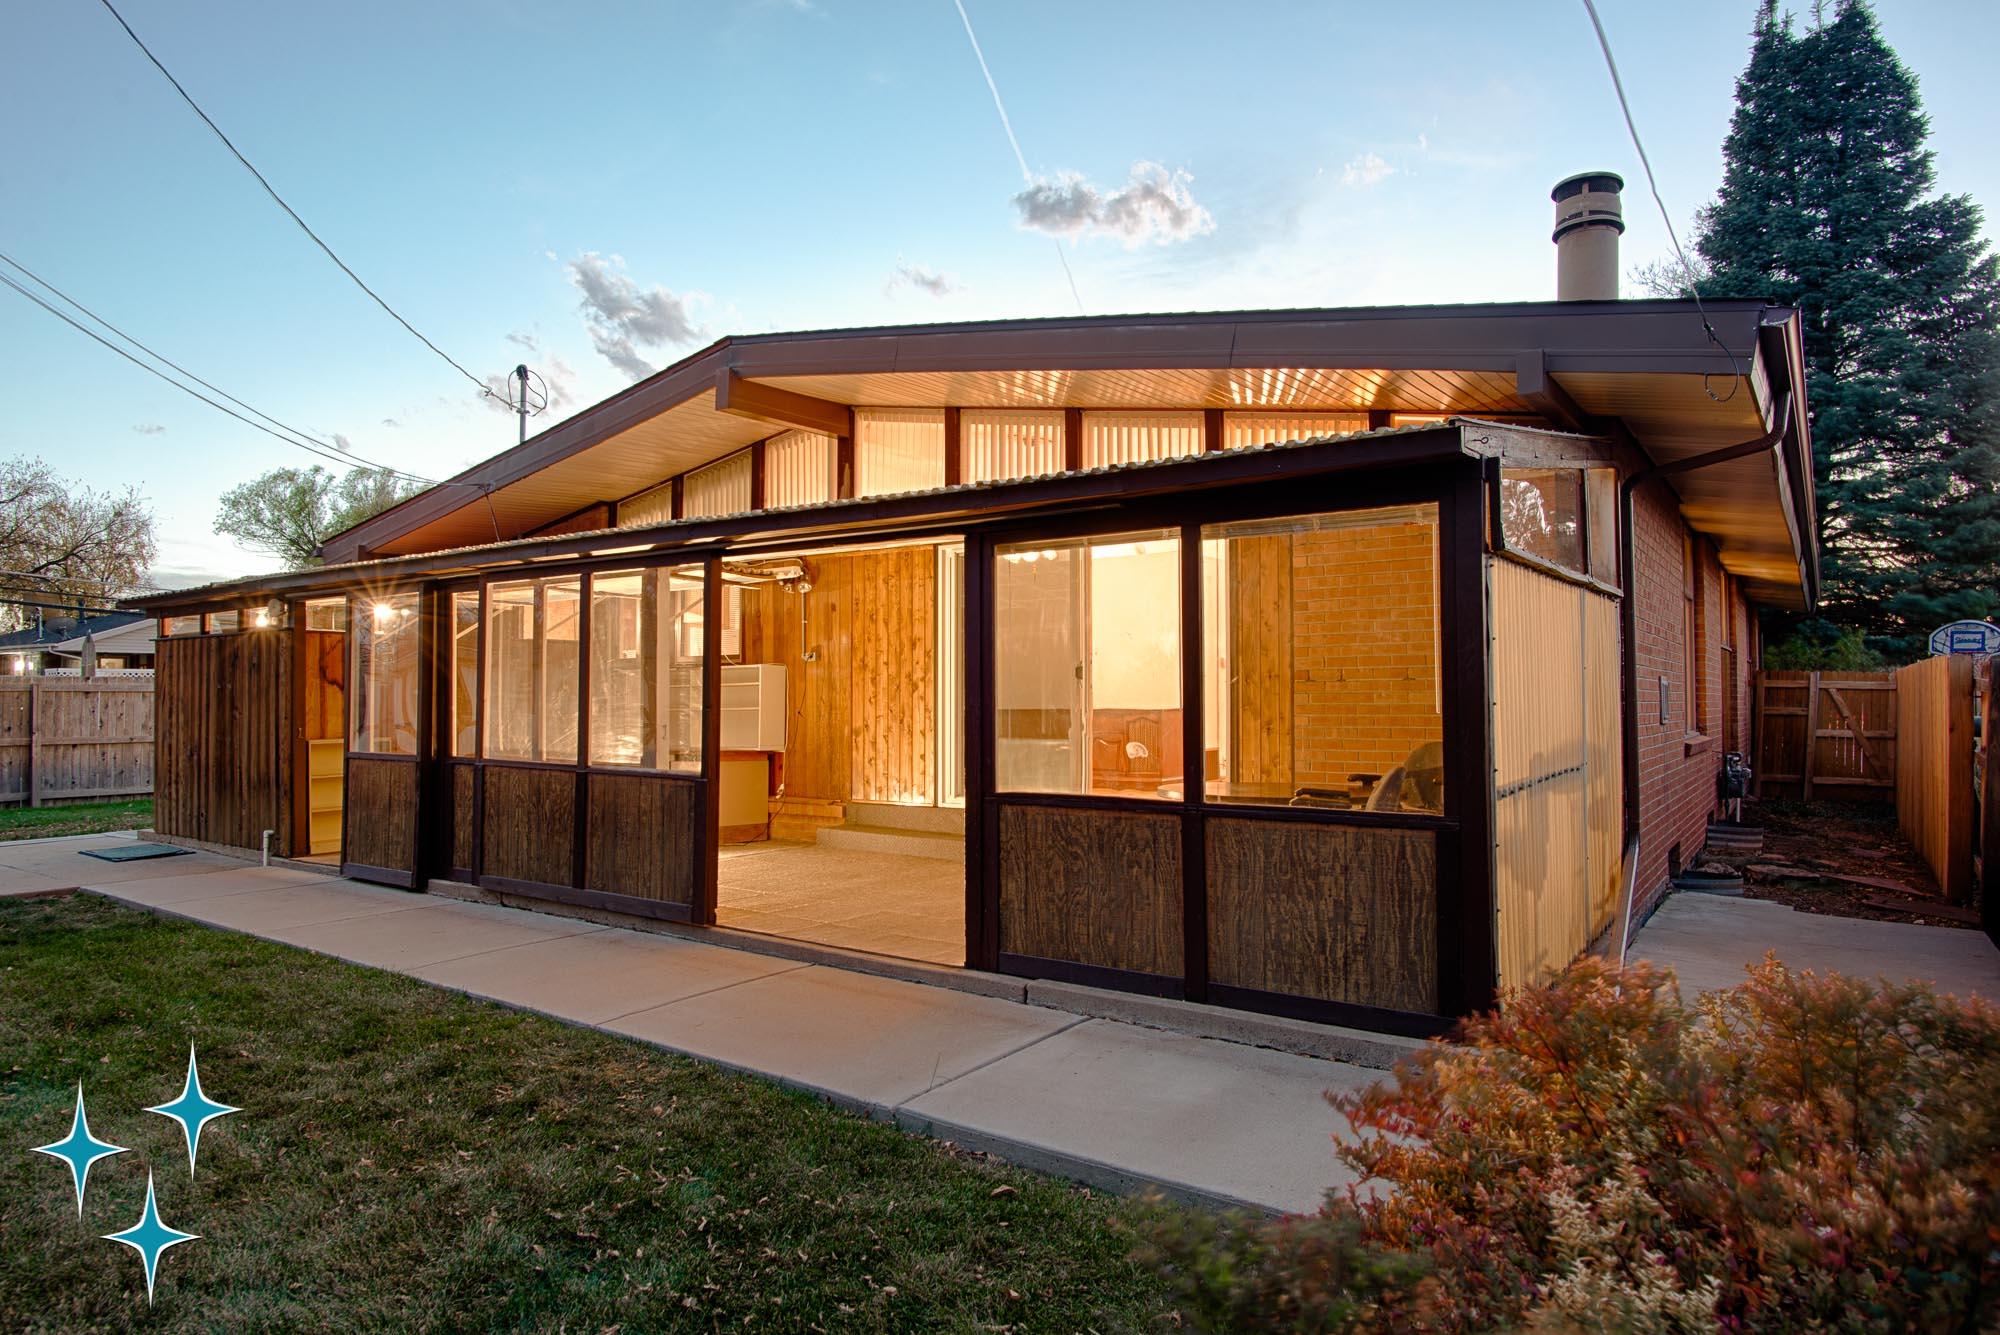 Adrian-Kinney-4155-W-Iliff-Avenue-Denver-r-Carey-Holiday-Home-2000w50-3SWM-4.jpg